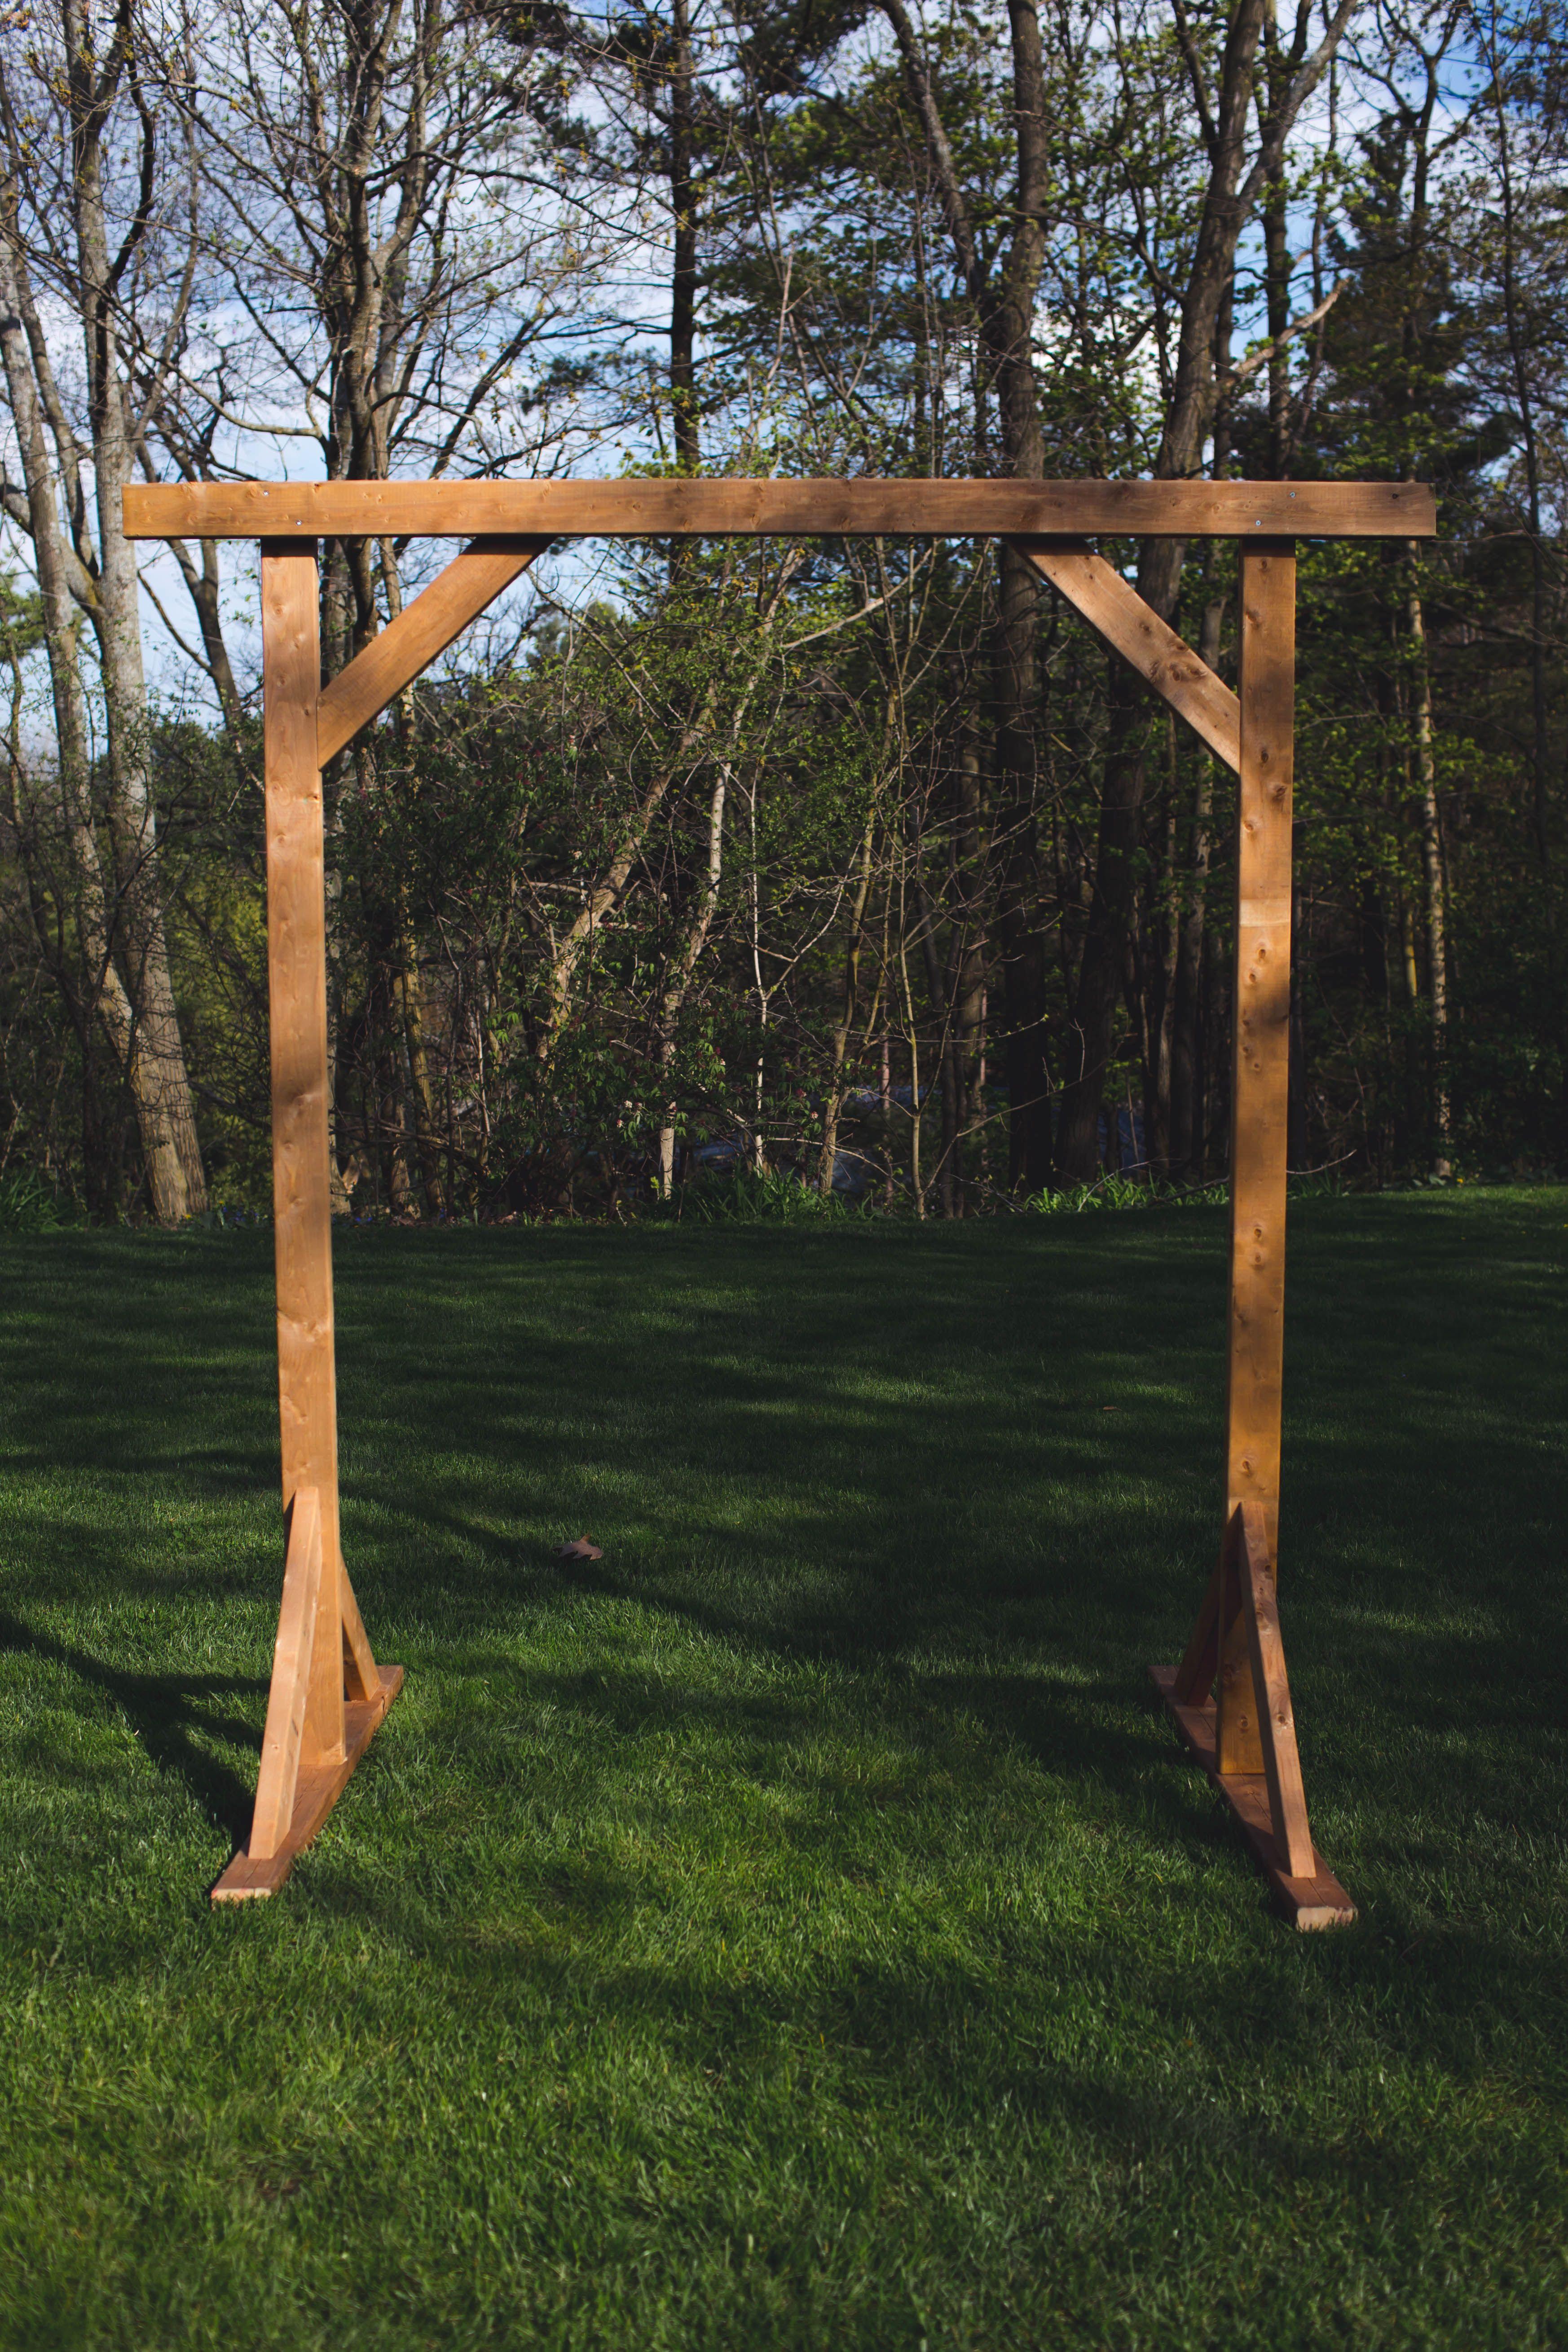 DIY WOOD WEDDING ARBOR Wedding arch rustic, Wedding